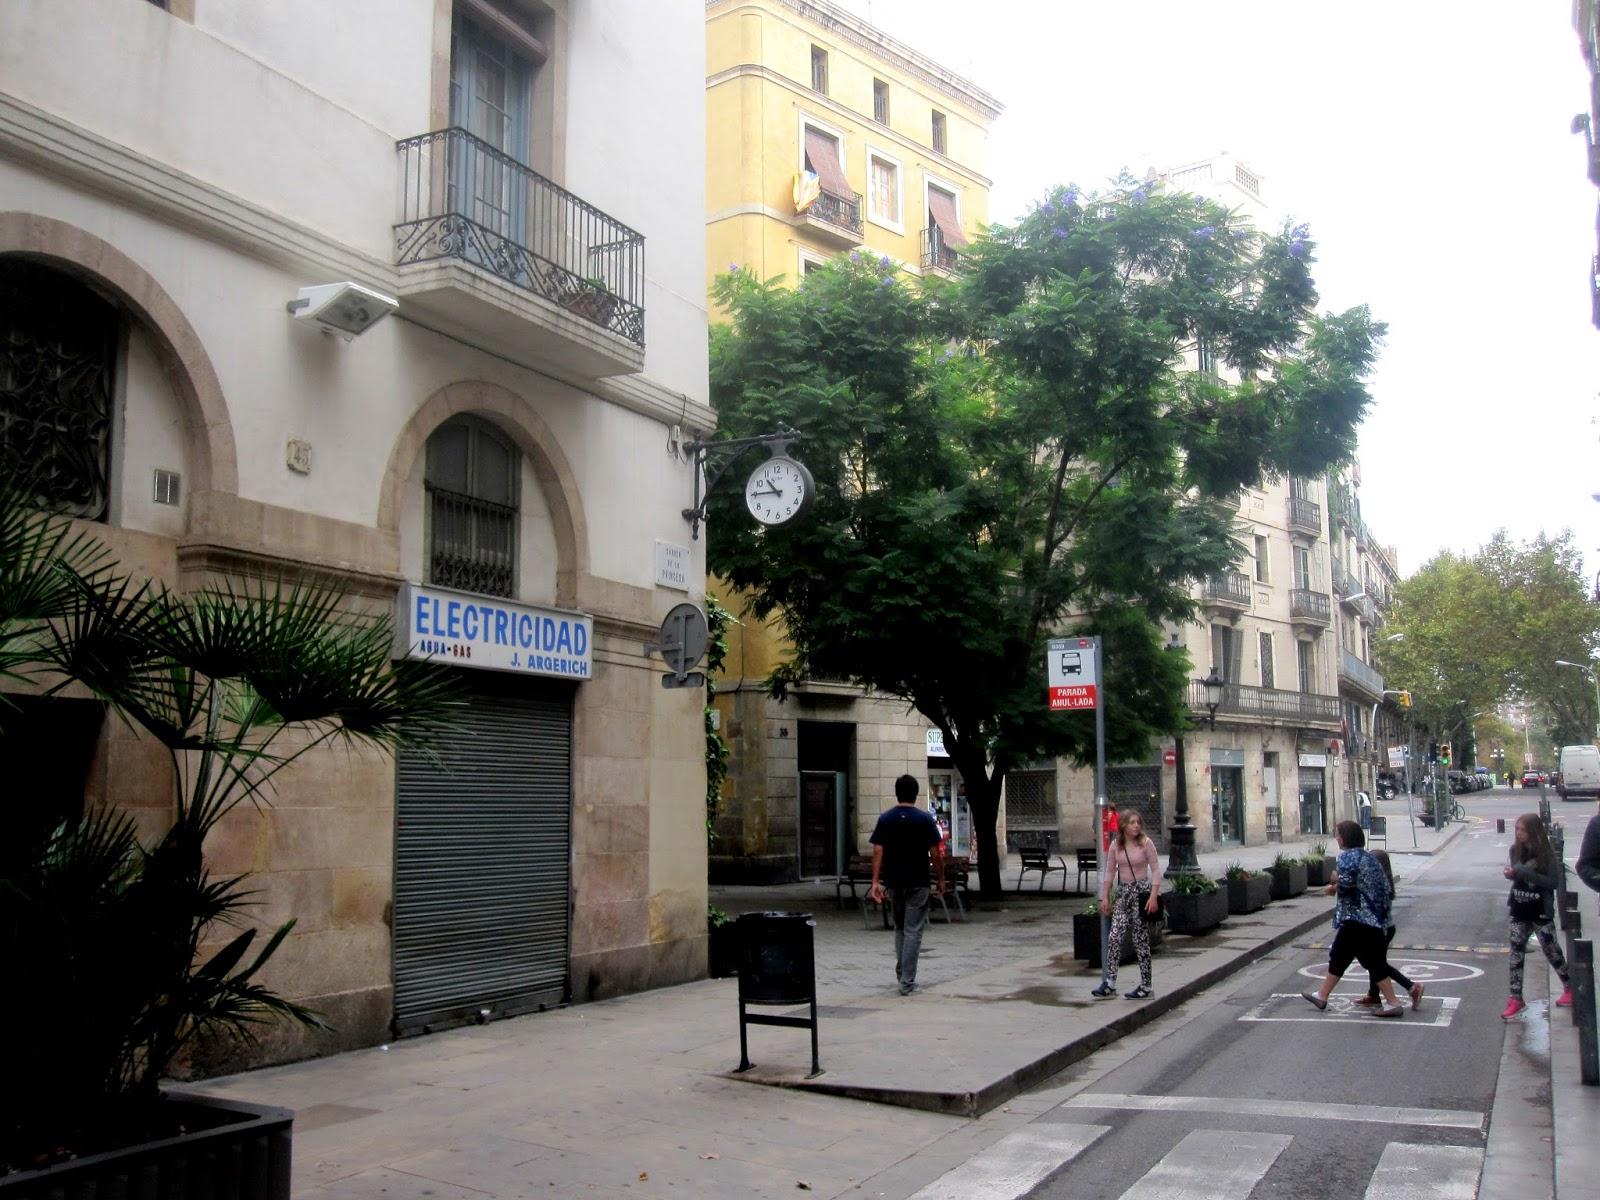 Tot barcelona abalorios varios costumbres pret ritas - Calle princesa barcelona ...